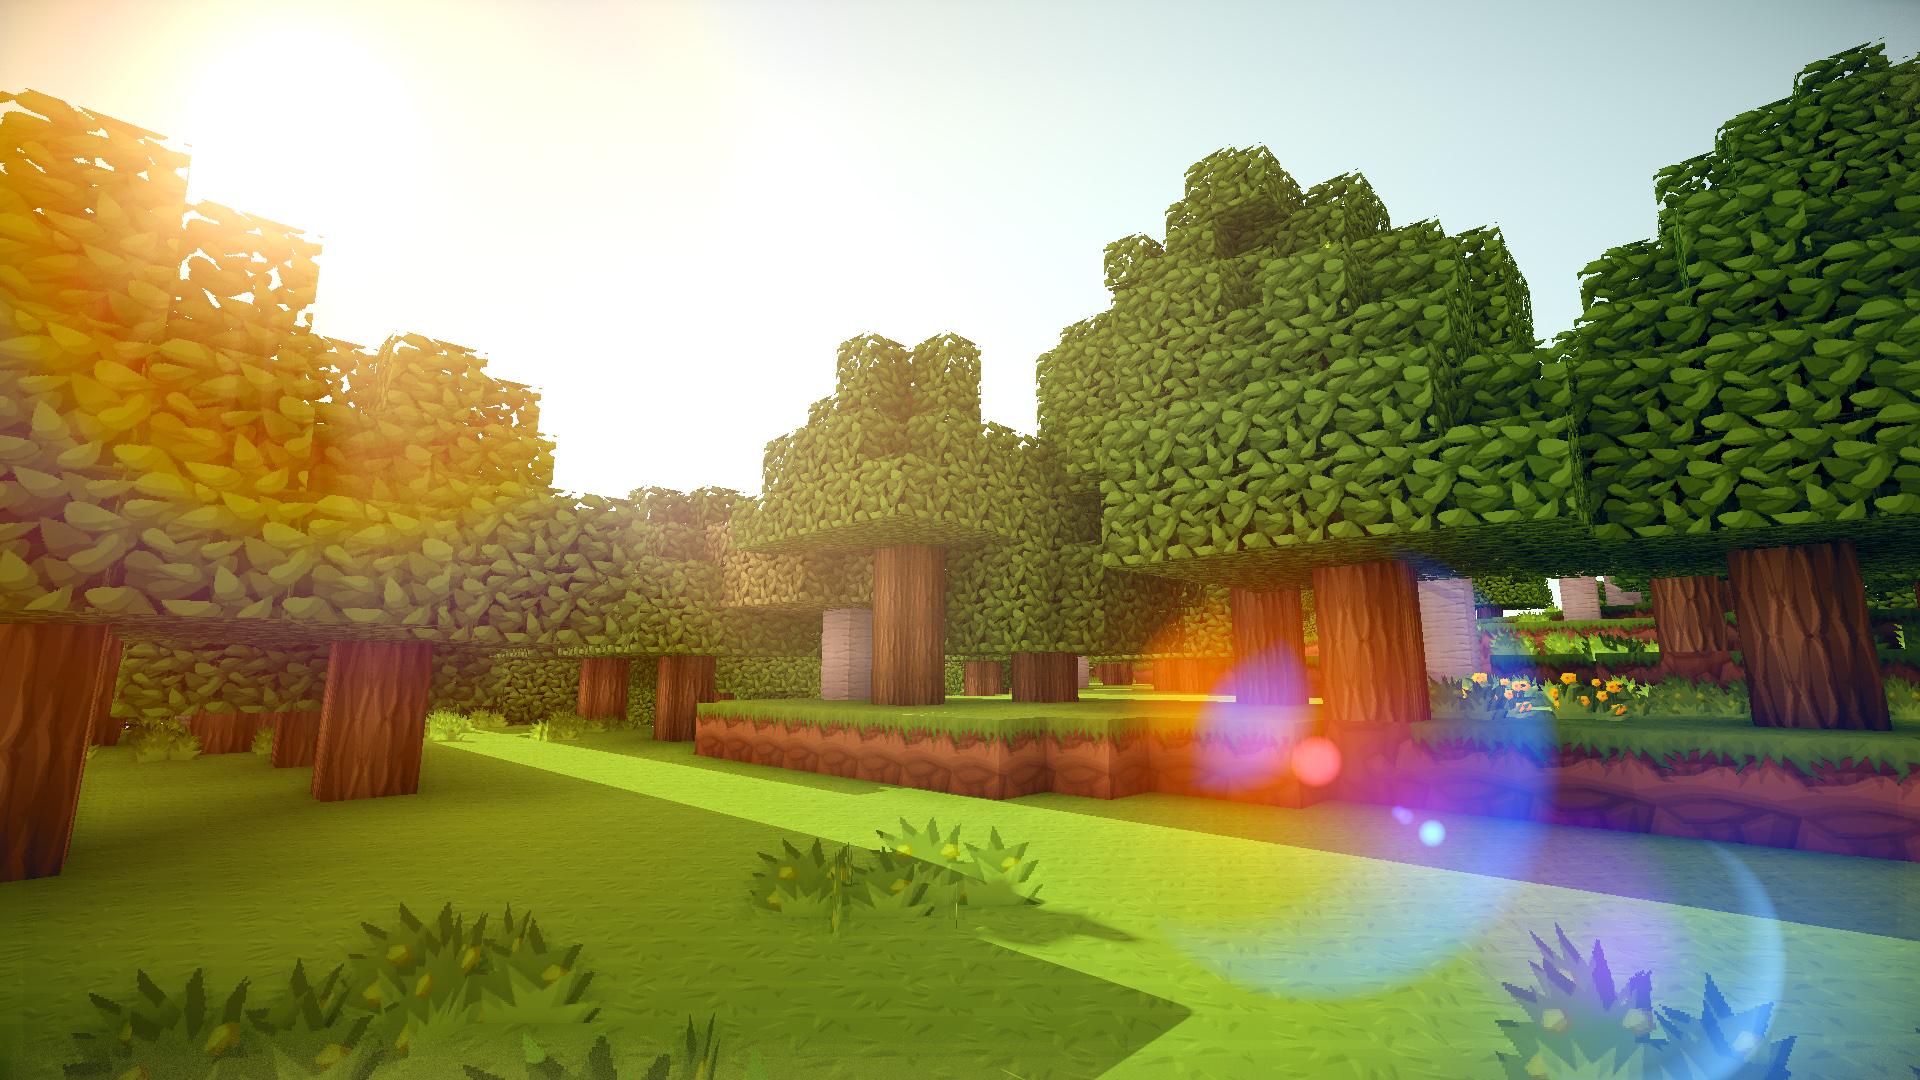 Minecraft Landscape HD Desktop Wallpaper for K Ultra HD TV